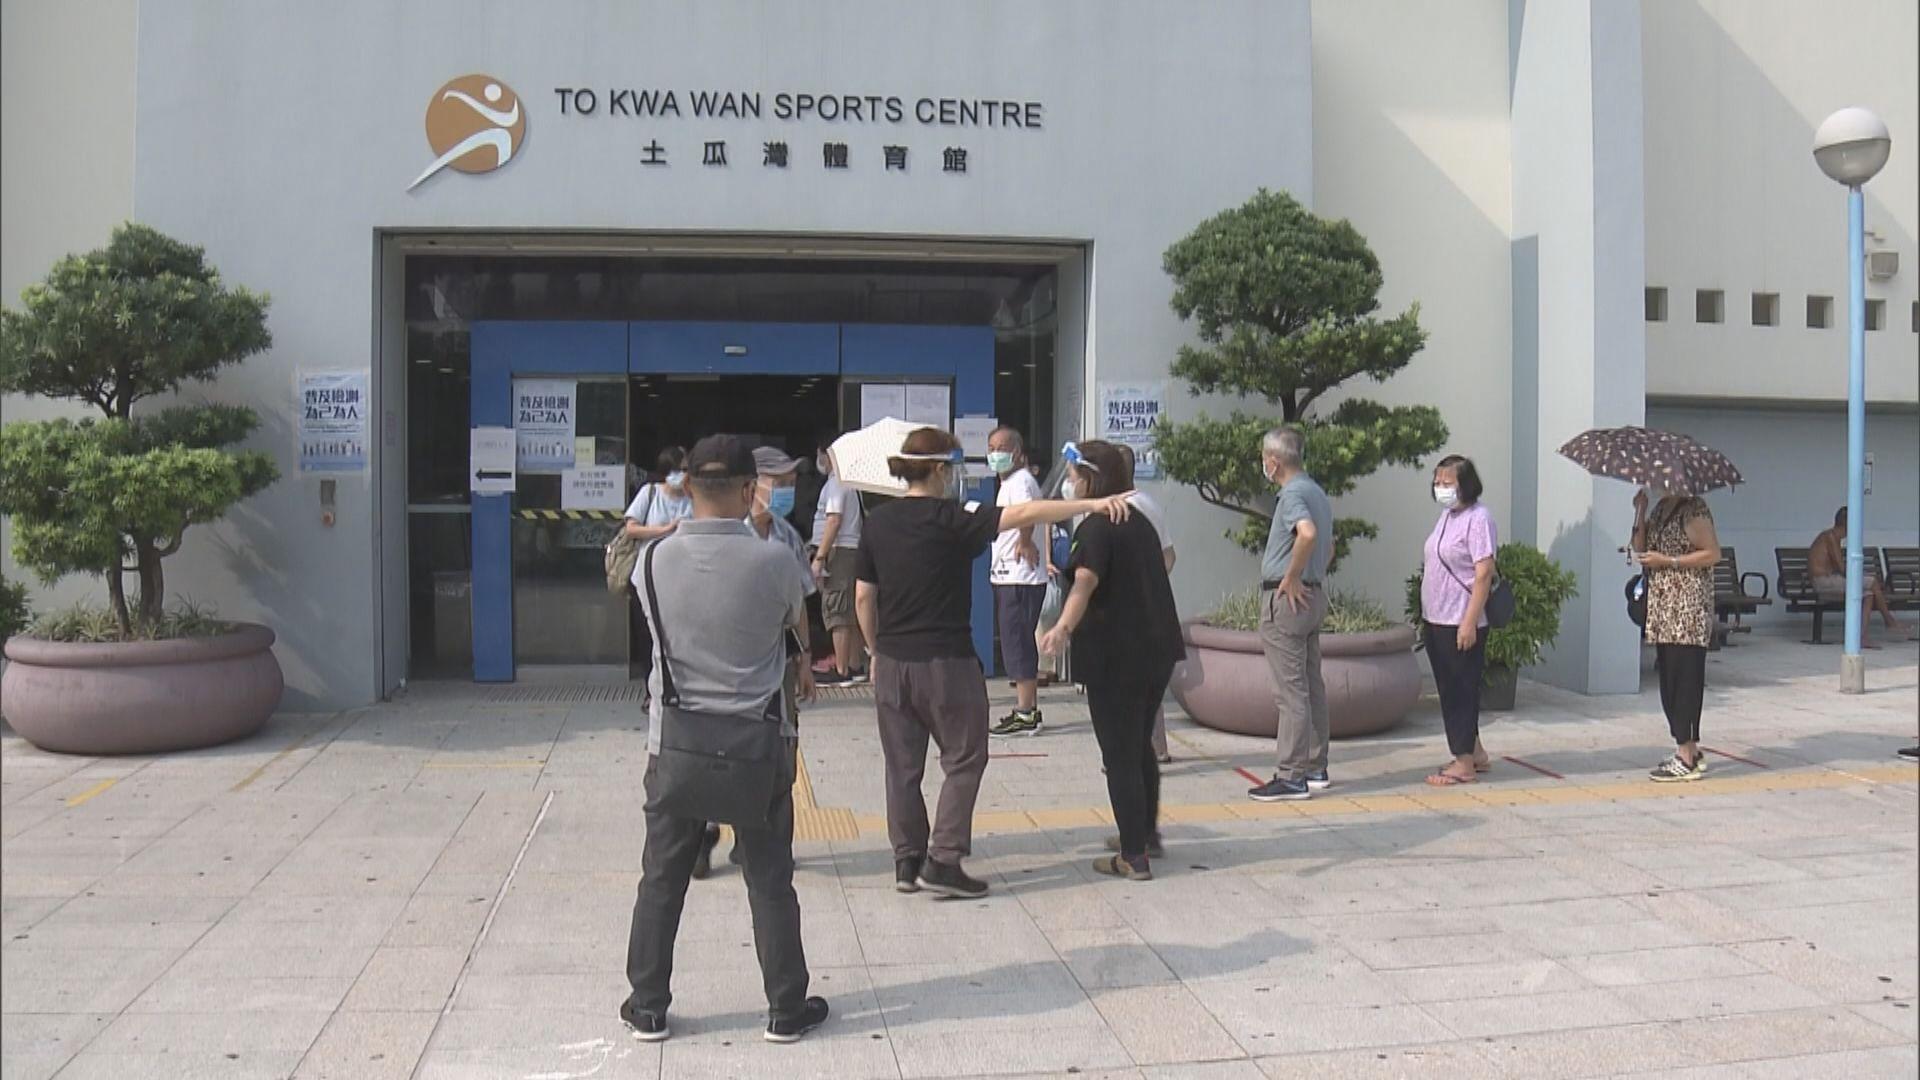 土瓜灣體育館有不少人沒有預約 排隊做普及社區檢測